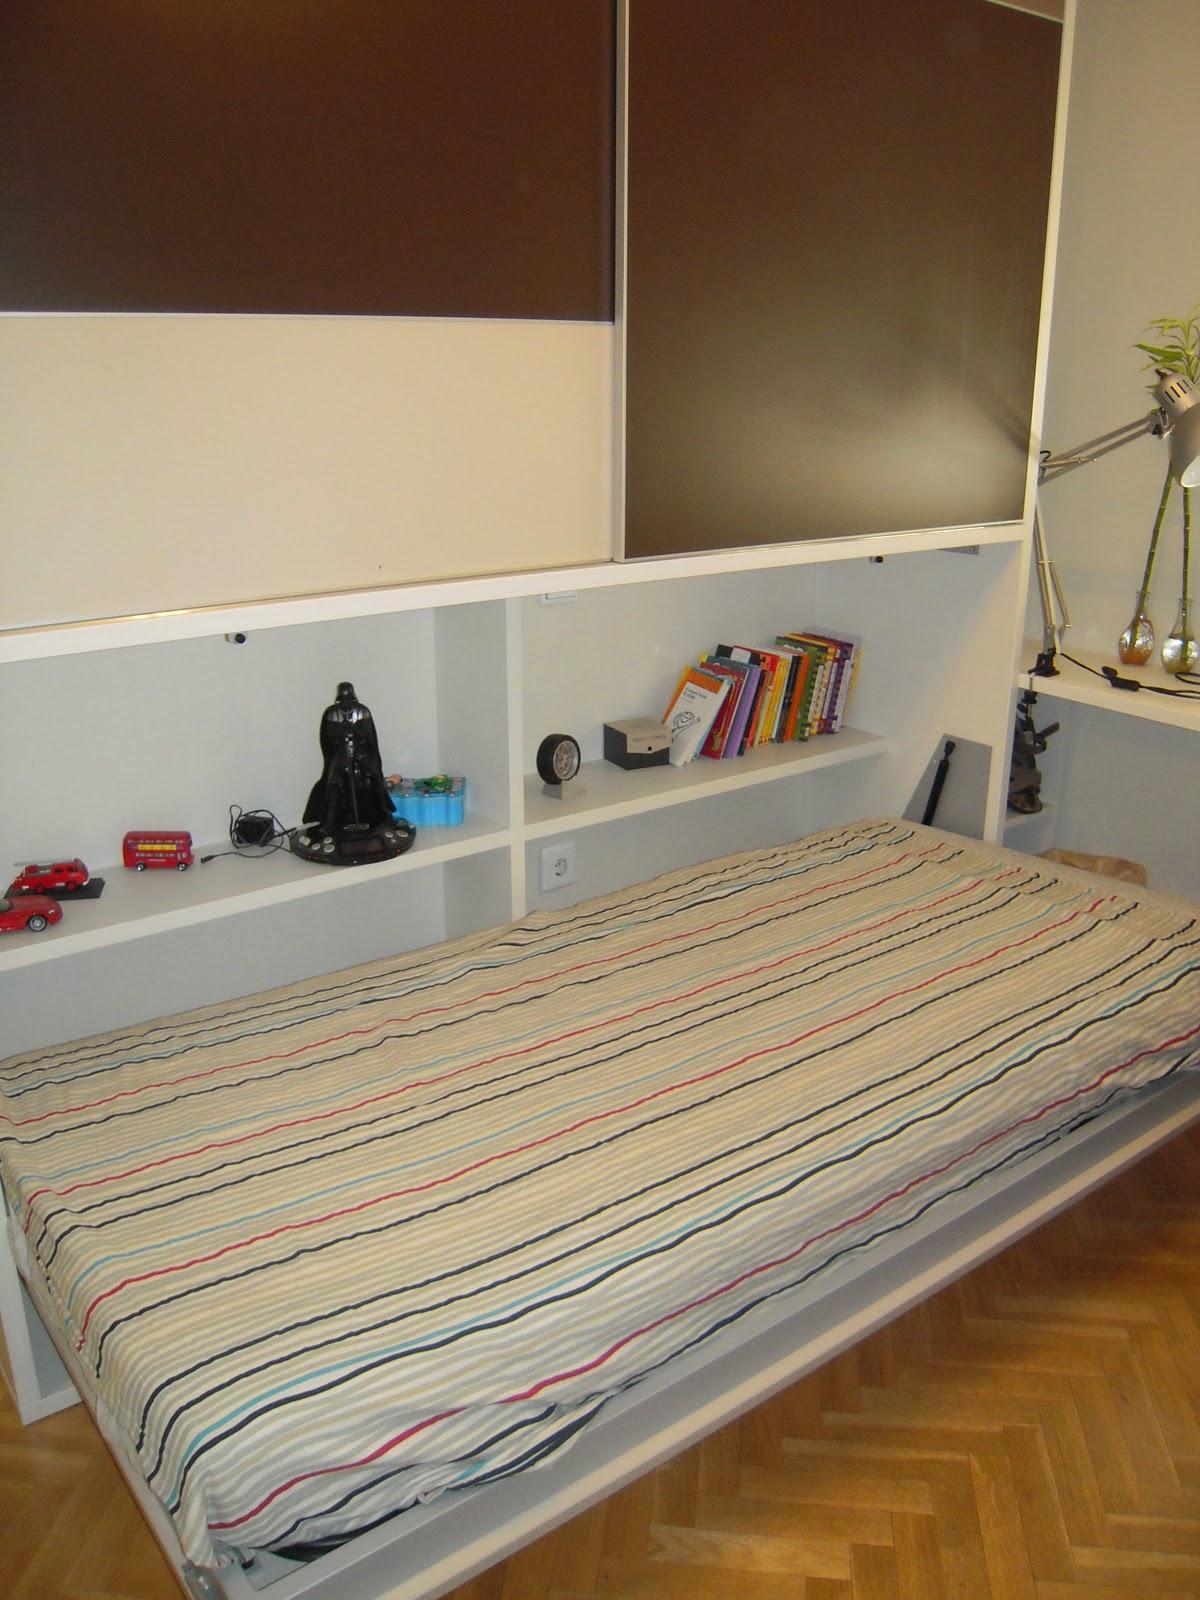 Dormitorios Juveniles Habitaciones Infantiles Y Mueble Juvenil  # Muebles Xikara Fuenlabrada